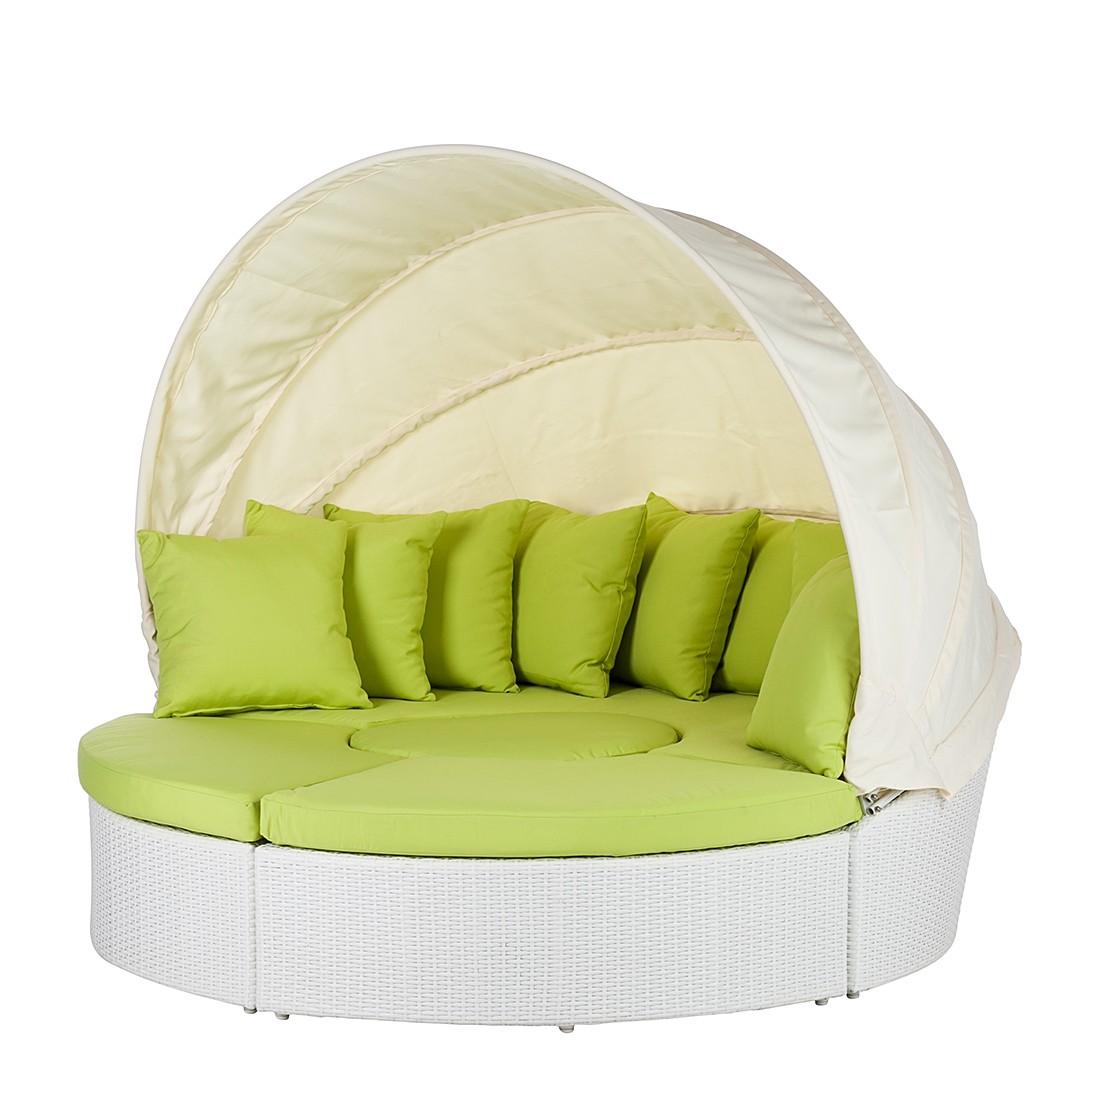 Sonneninsel White Comfort (4-teilig) - Polyrattan/Textil - Weiß/Grün, Eden Company